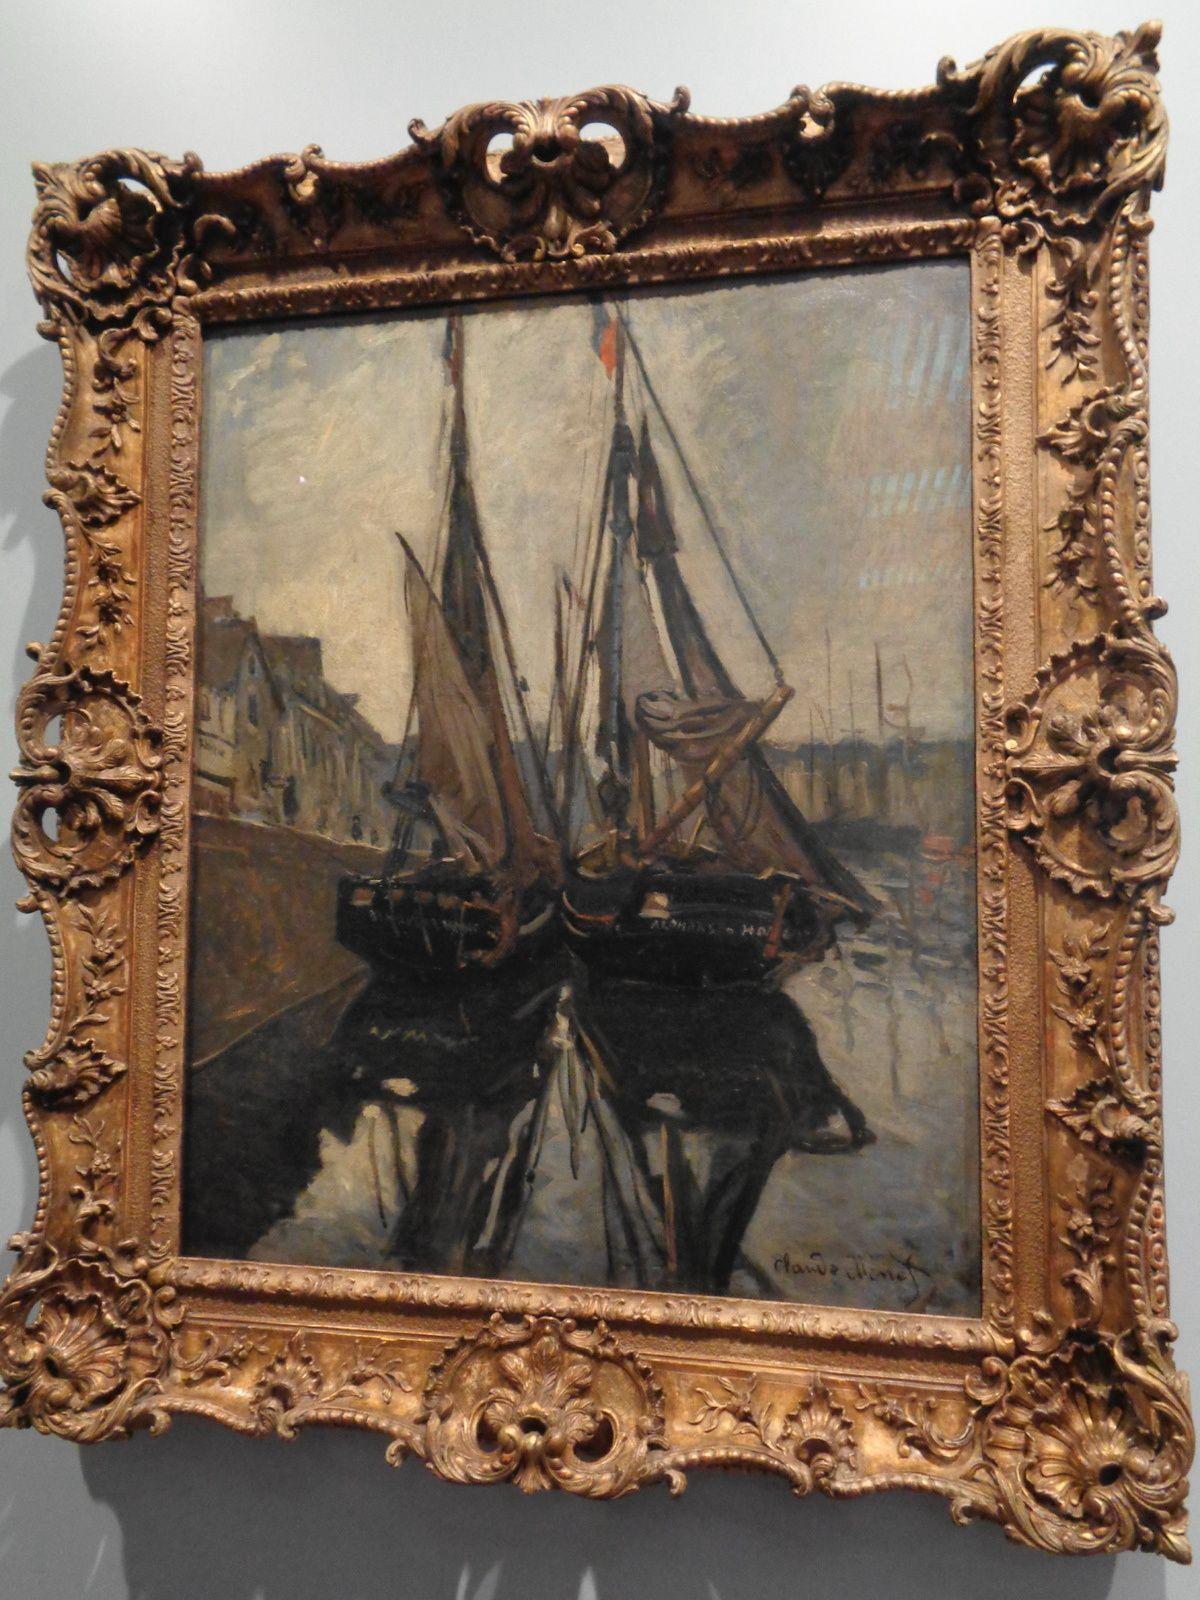 Bateaux - Claude Monet, 1868